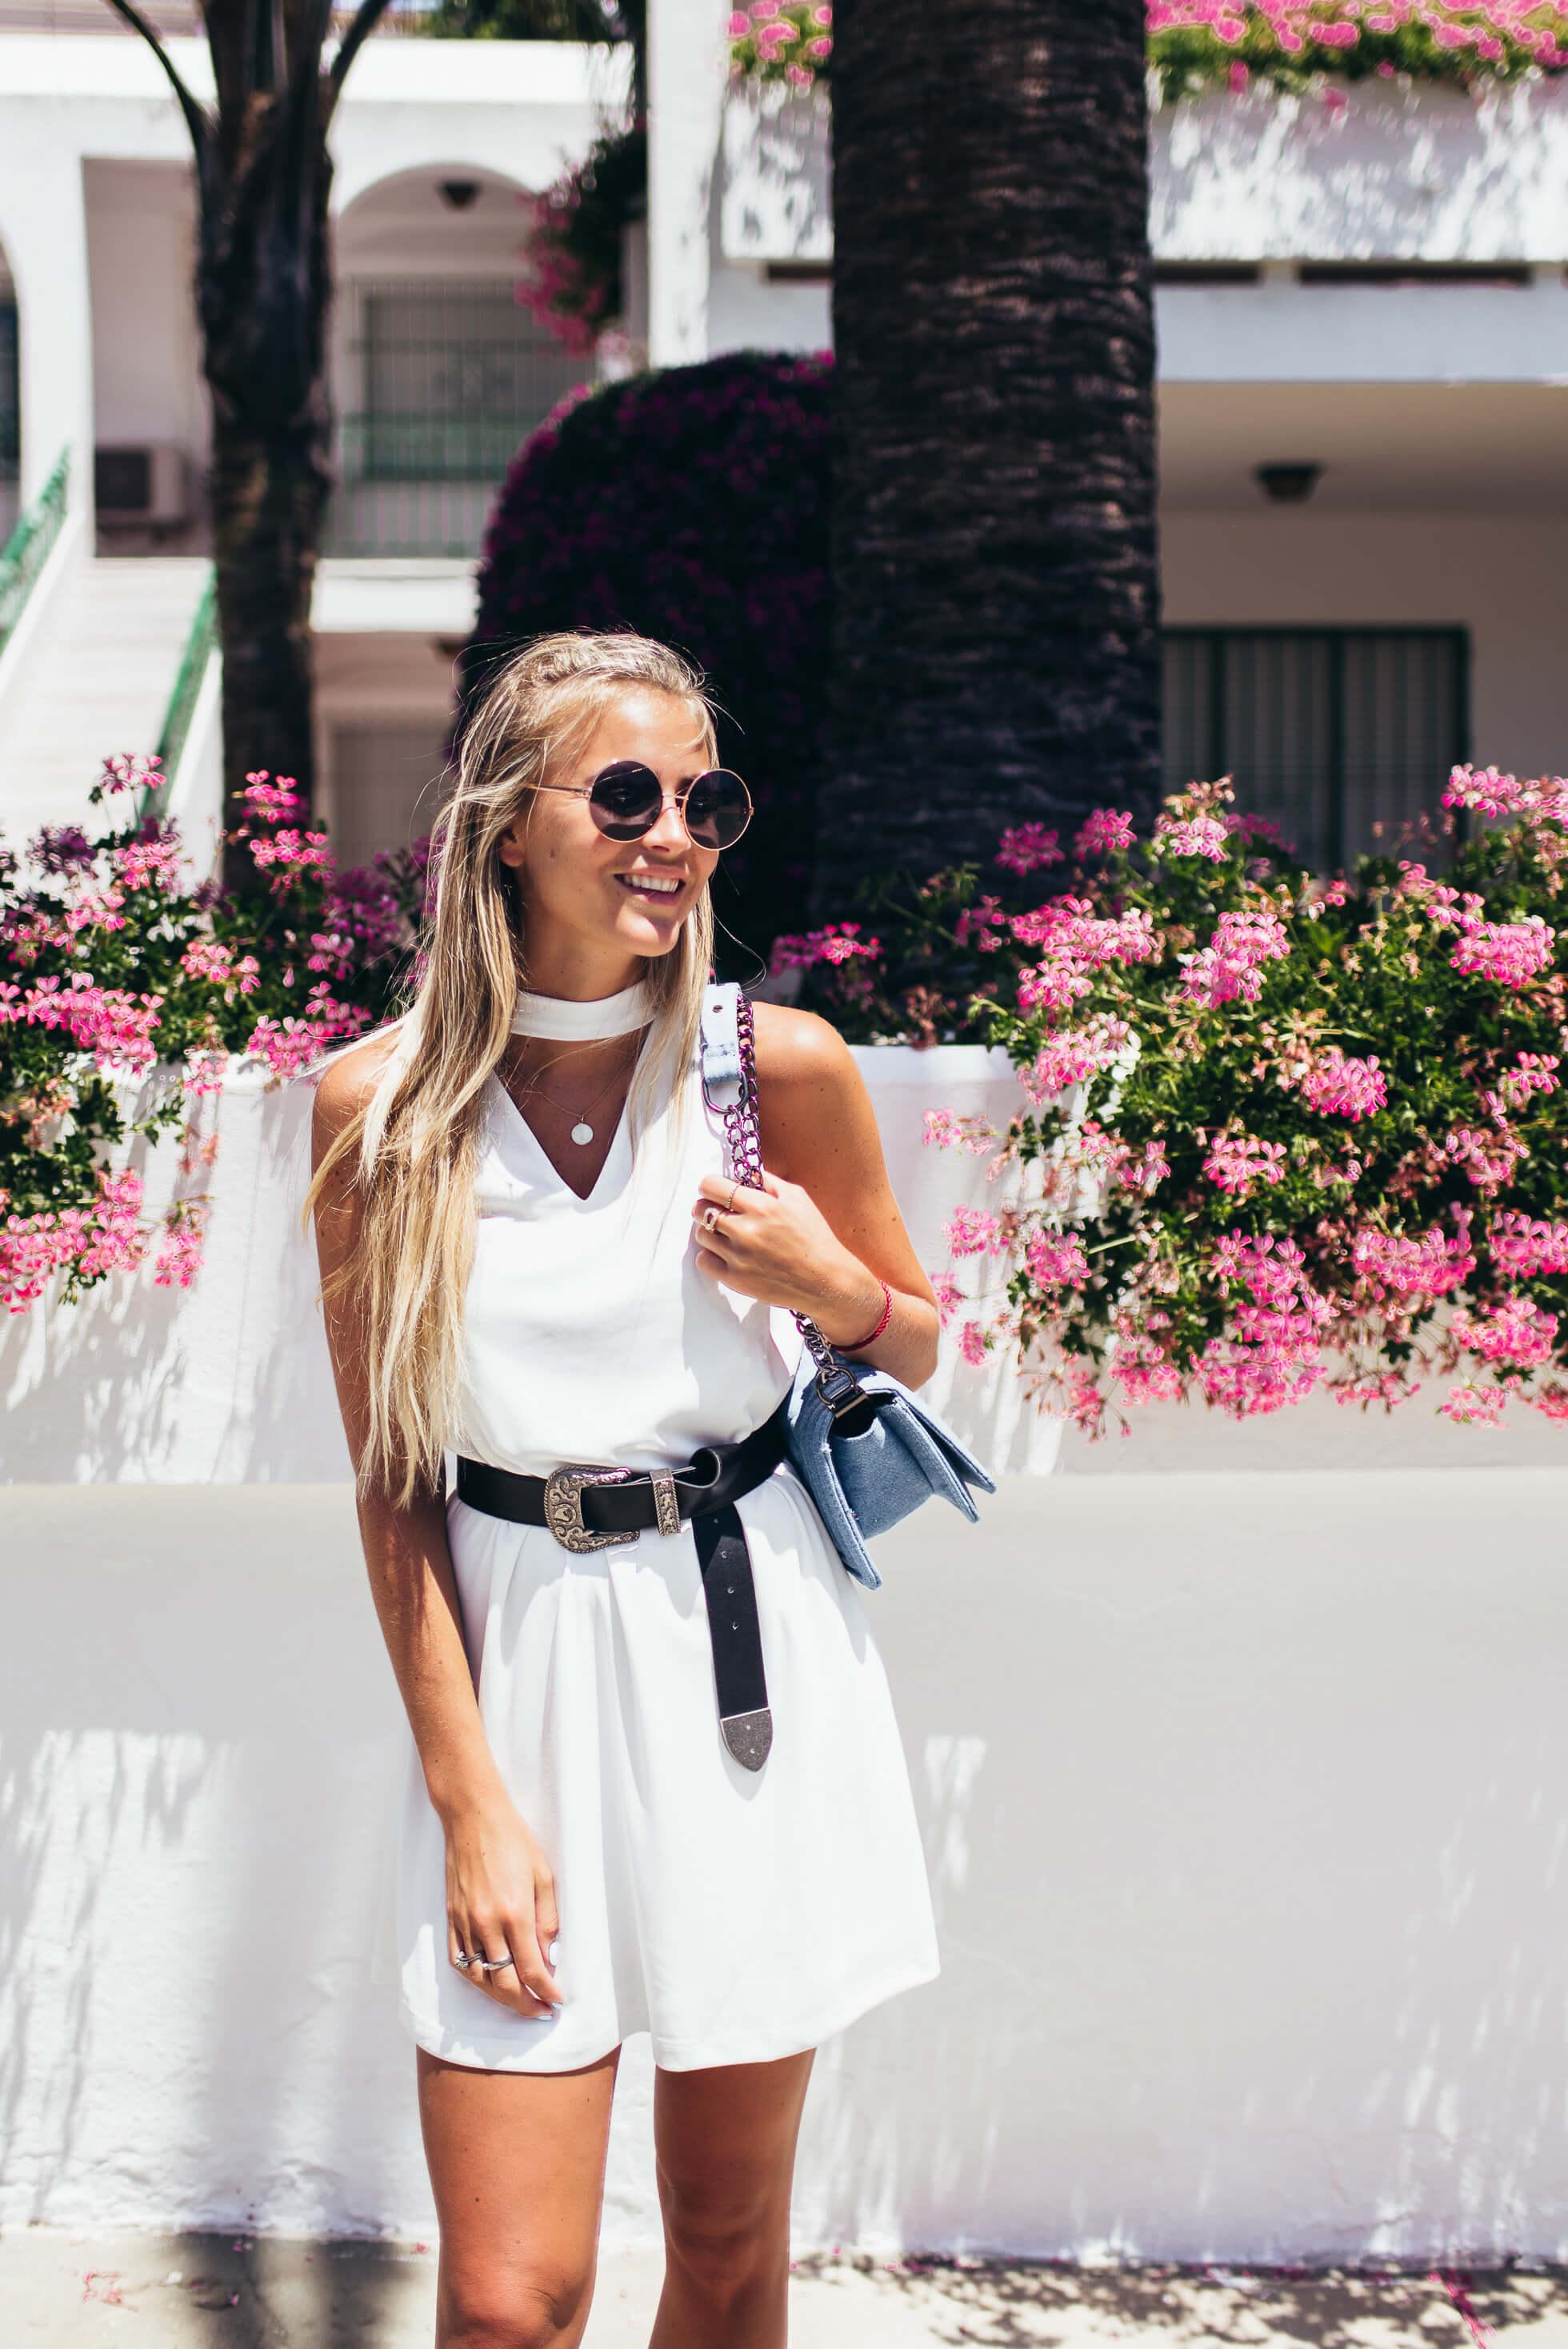 janni-deler-perfect-white-dressDSC_7799